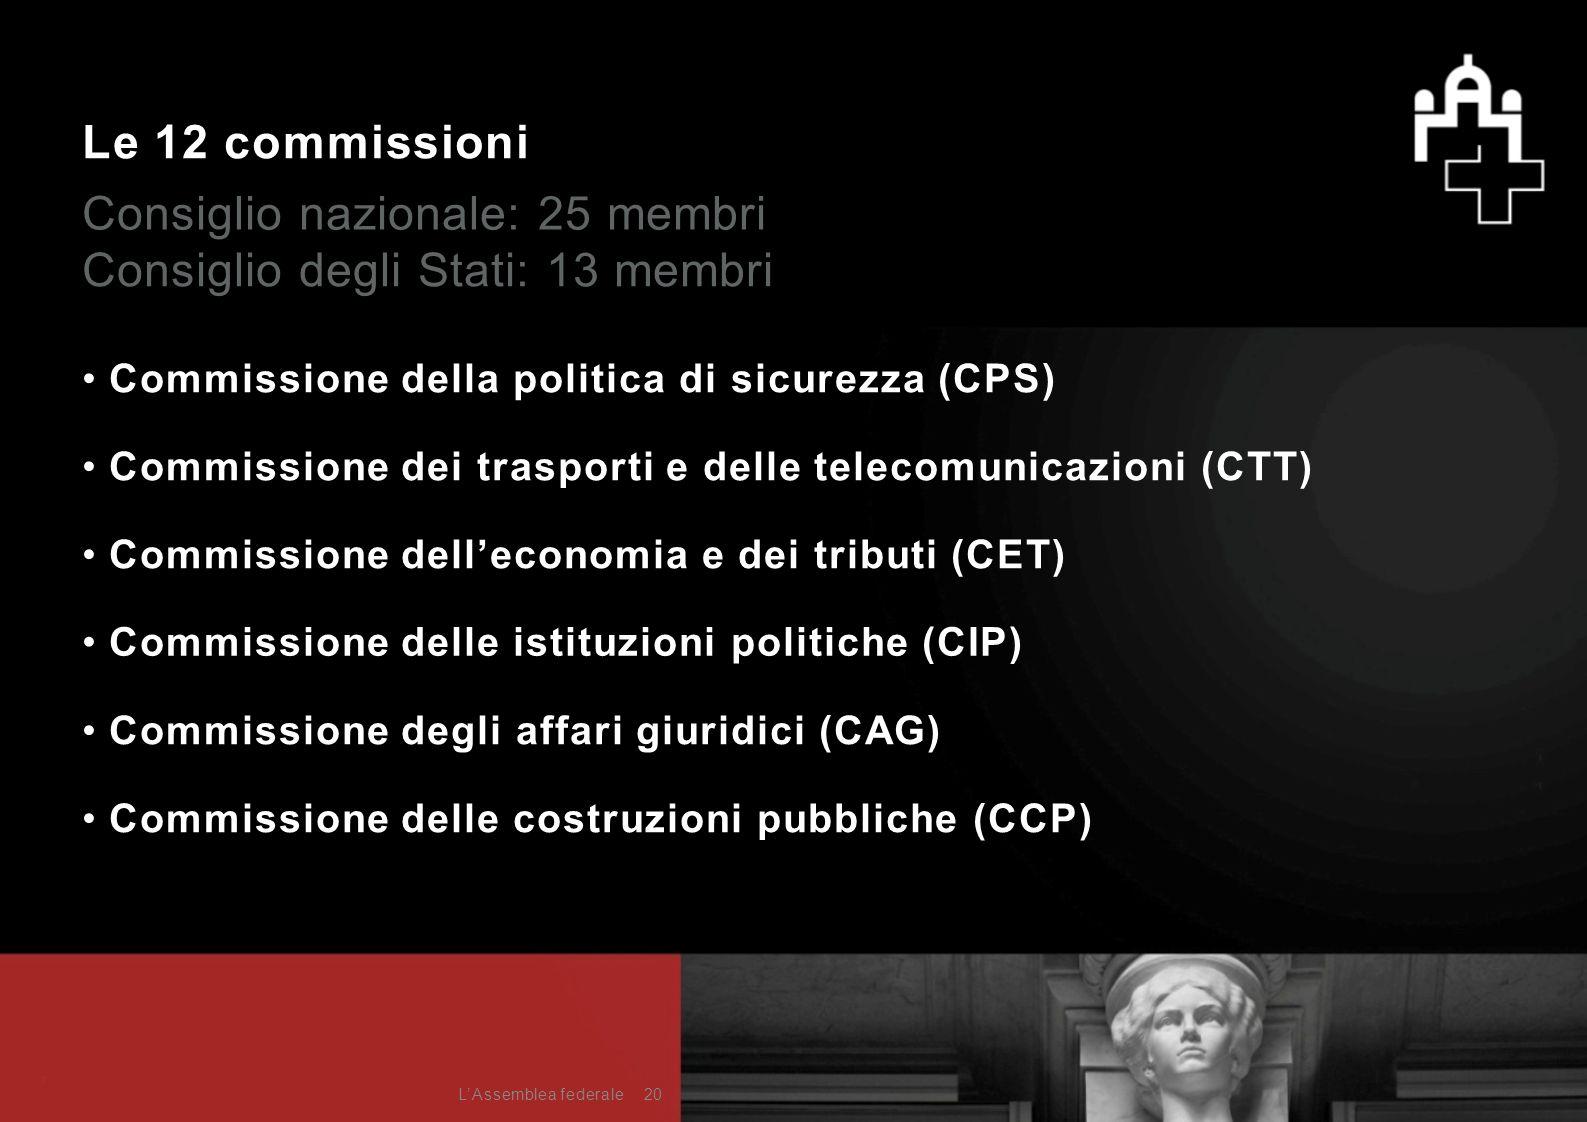 Le 12 commissioni Consiglio nazionale: 25 membri Commissione della politica di sicurezza (CPS) Consiglio degli Stati: 13 membri Commissione dei traspo